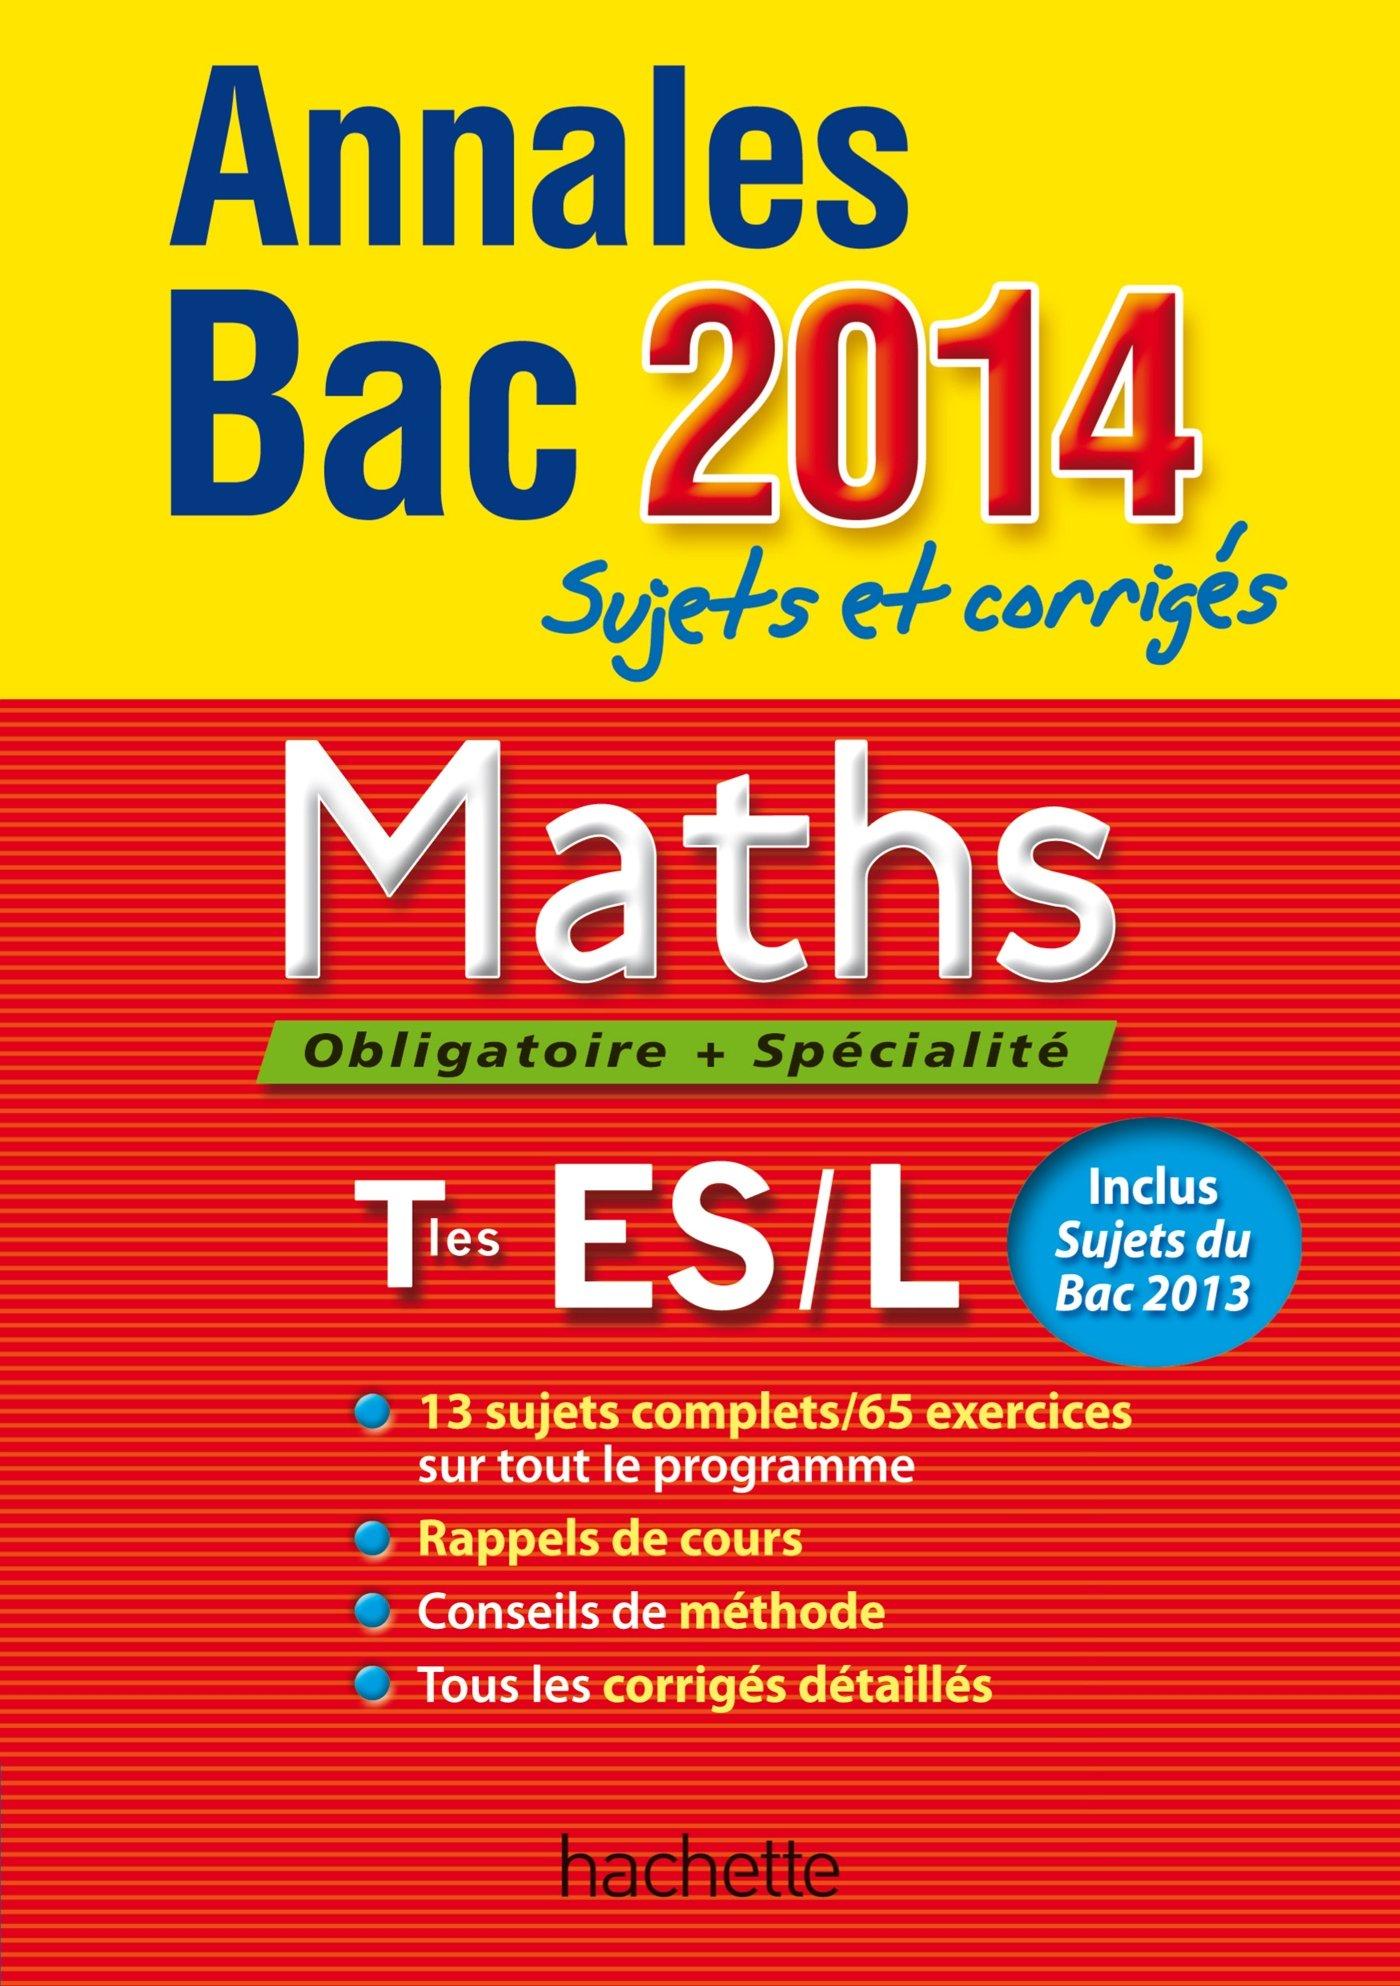 OBJECTIF BAC 2014 - Annales Sujets et corrigés - Maths terminale ES Annales du Bac: Amazon.es: François Lavandier: Libros en idiomas extranjeros